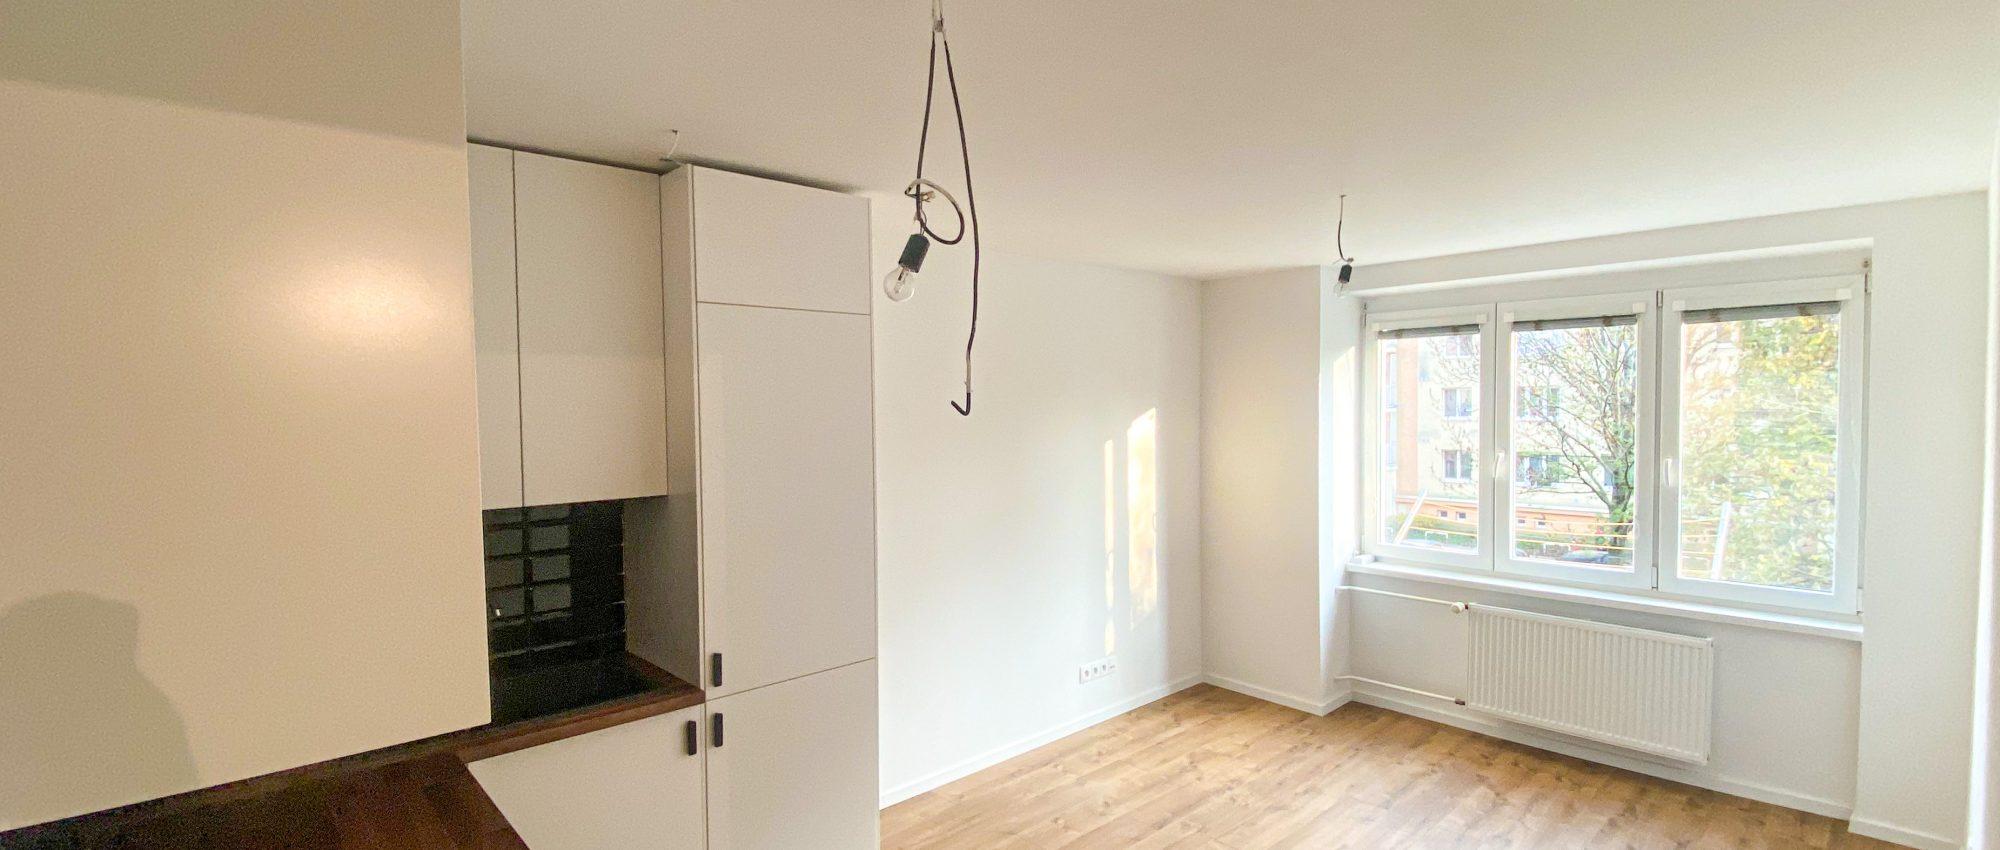 2 izbový byt po kompletnej rekonštrukcii – Špačinská cesta, Trnava